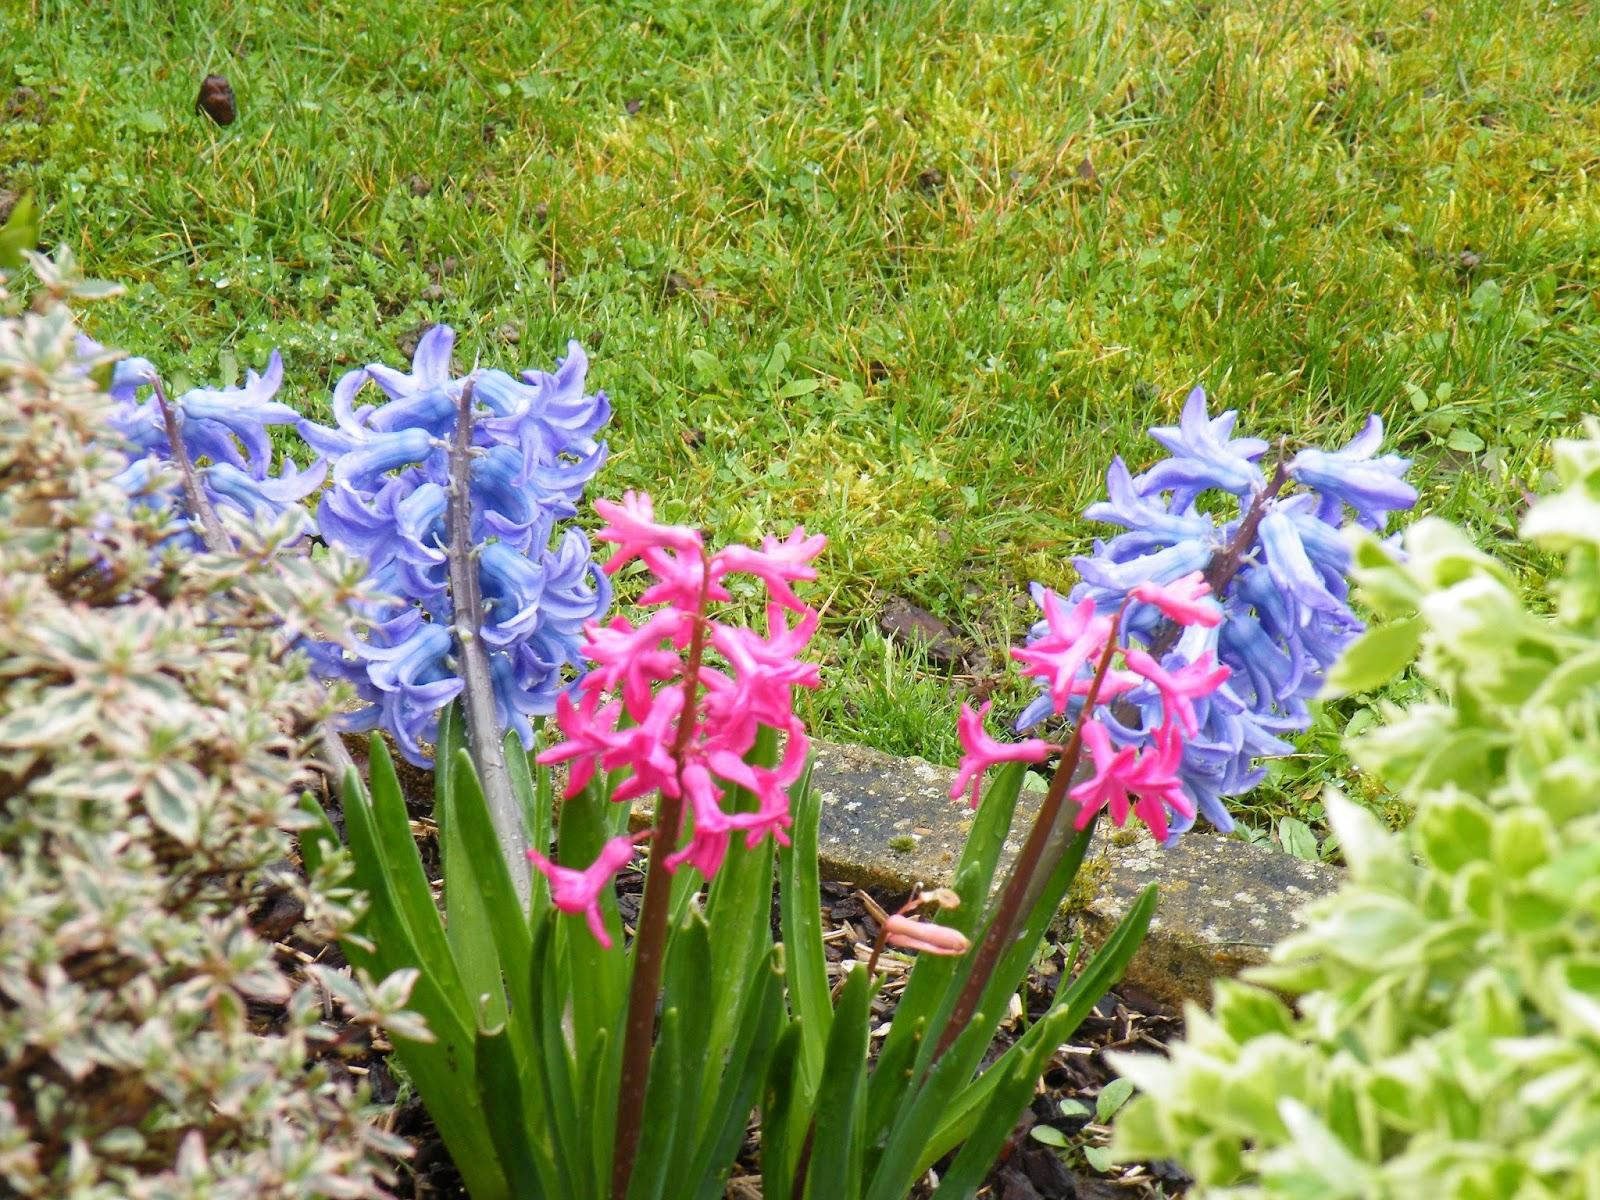 Du four au jardin et mes dix doigts fleurs de printemps for Fleurs au jardin